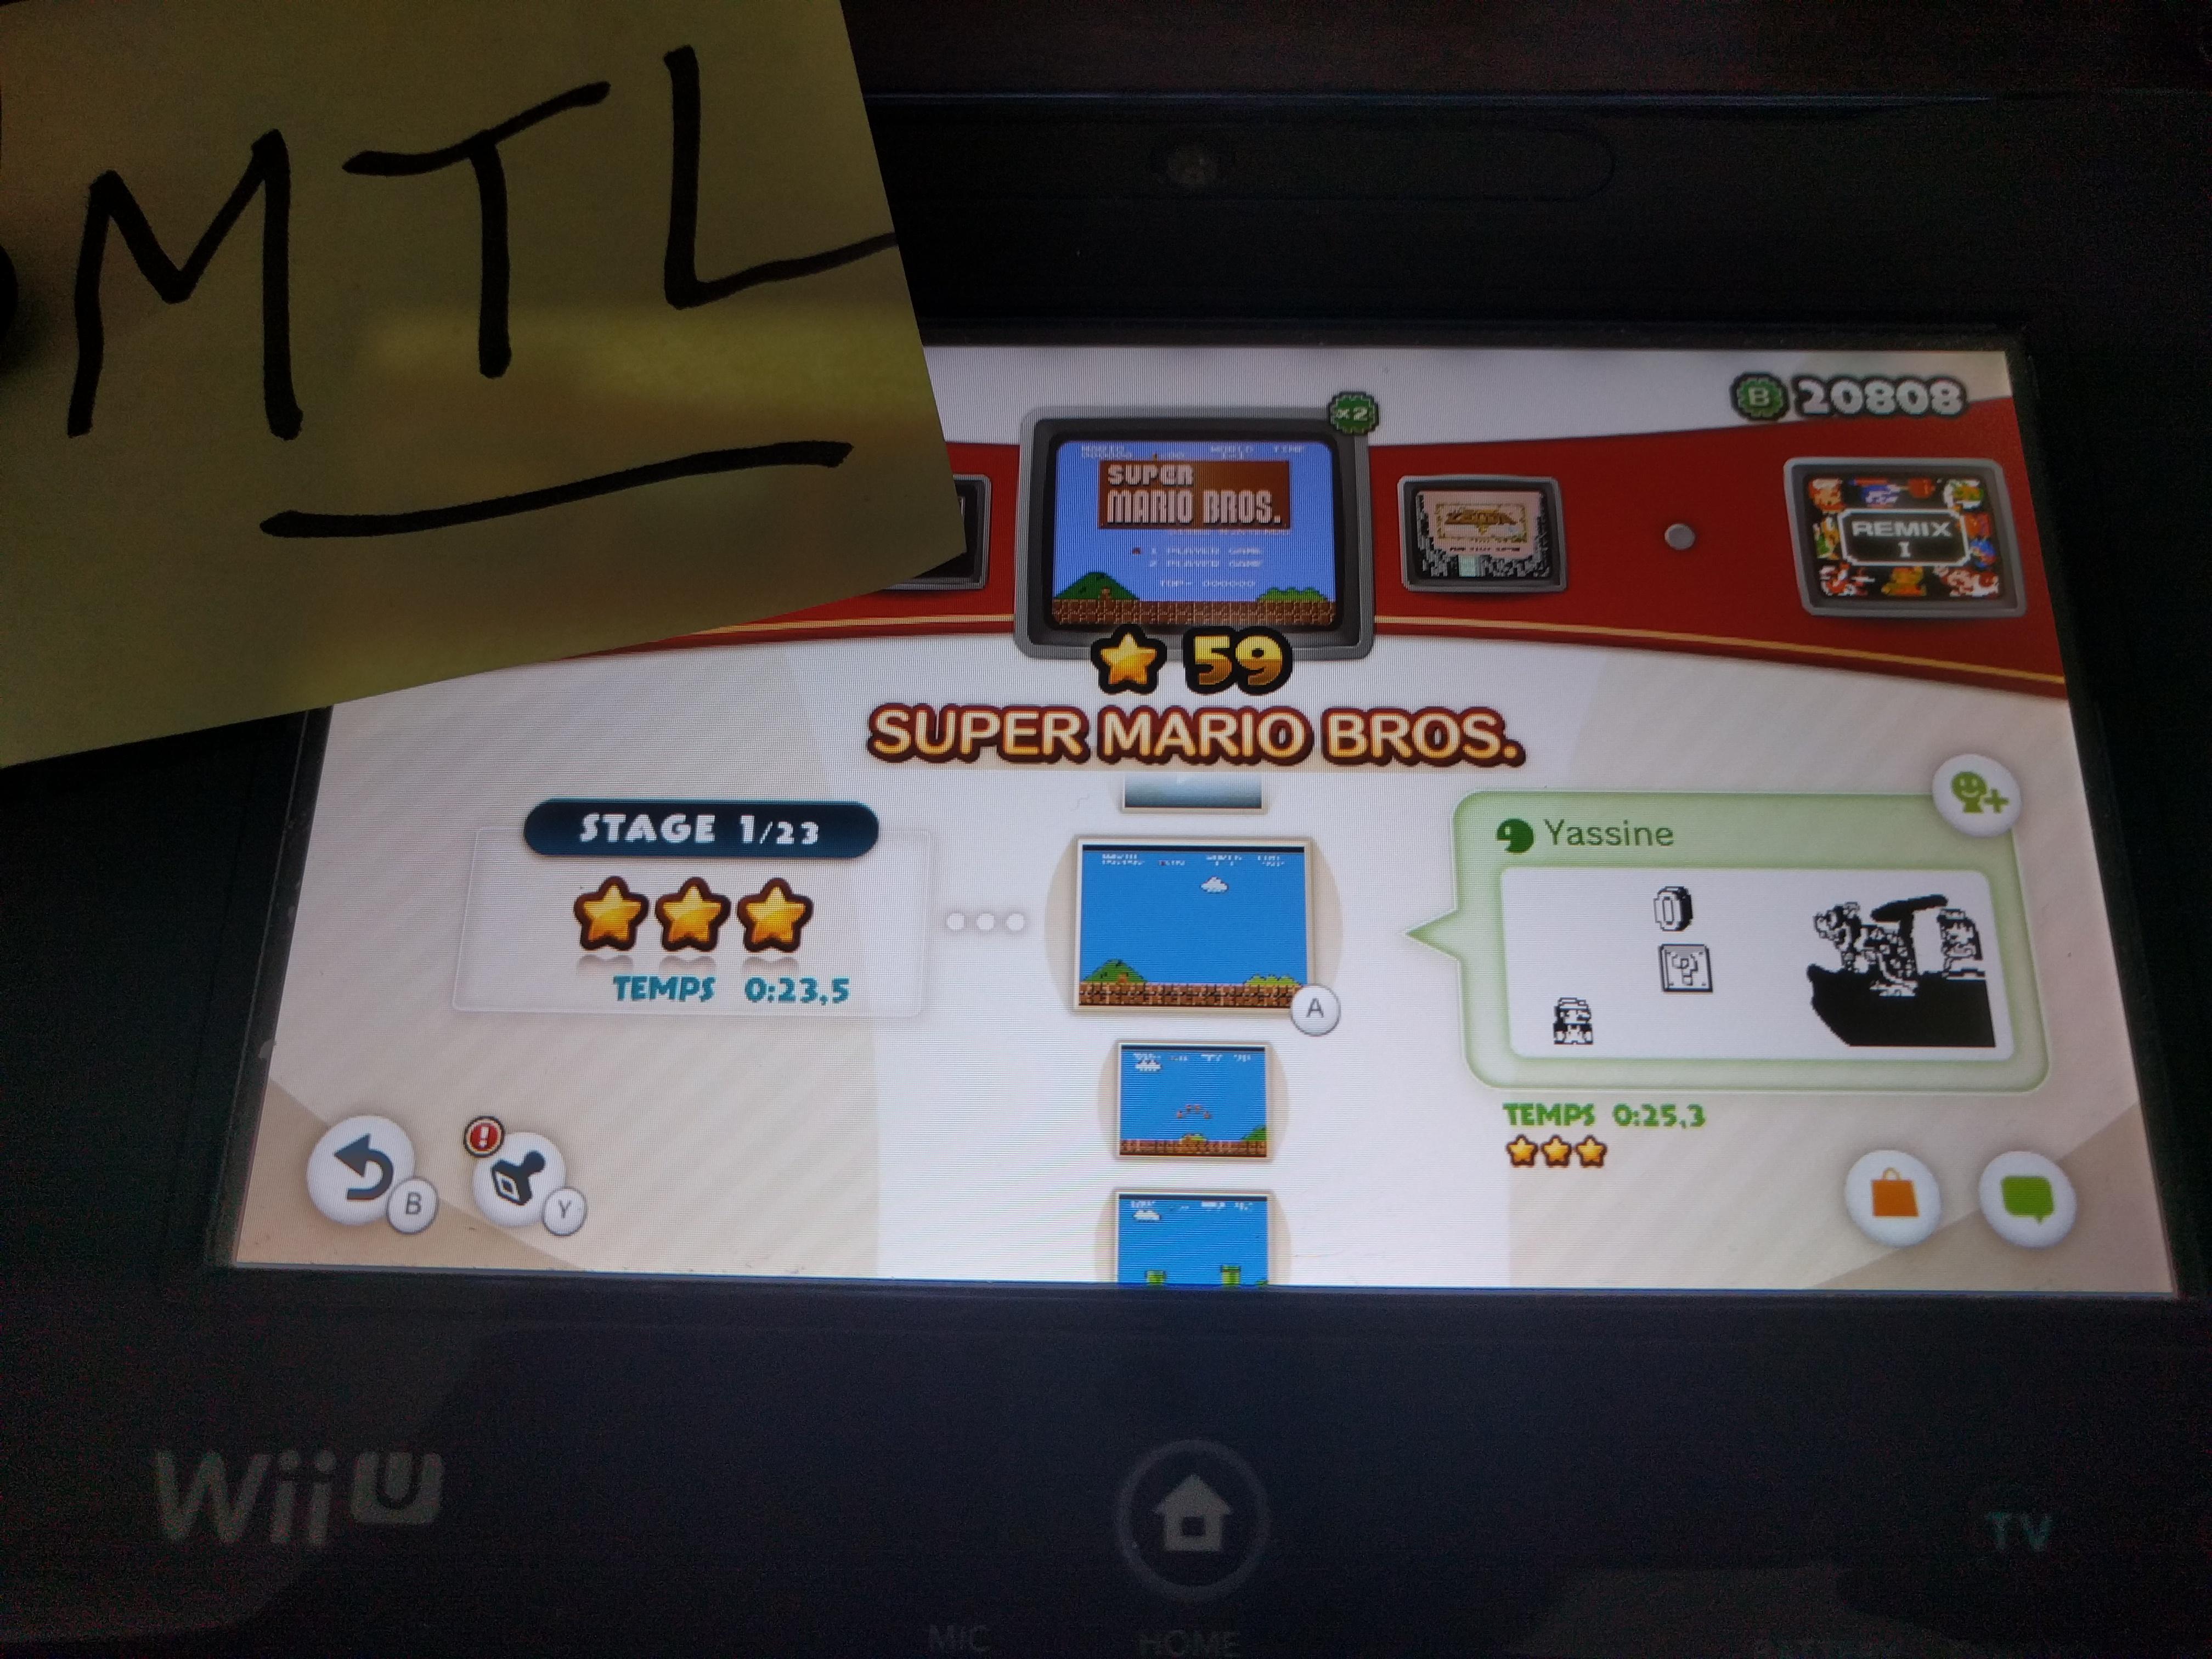 Mantalow: NES Remix: Super Mario Bros: Stage 1 (Wii U) 0:00:23.5 points on 2016-06-10 05:15:20